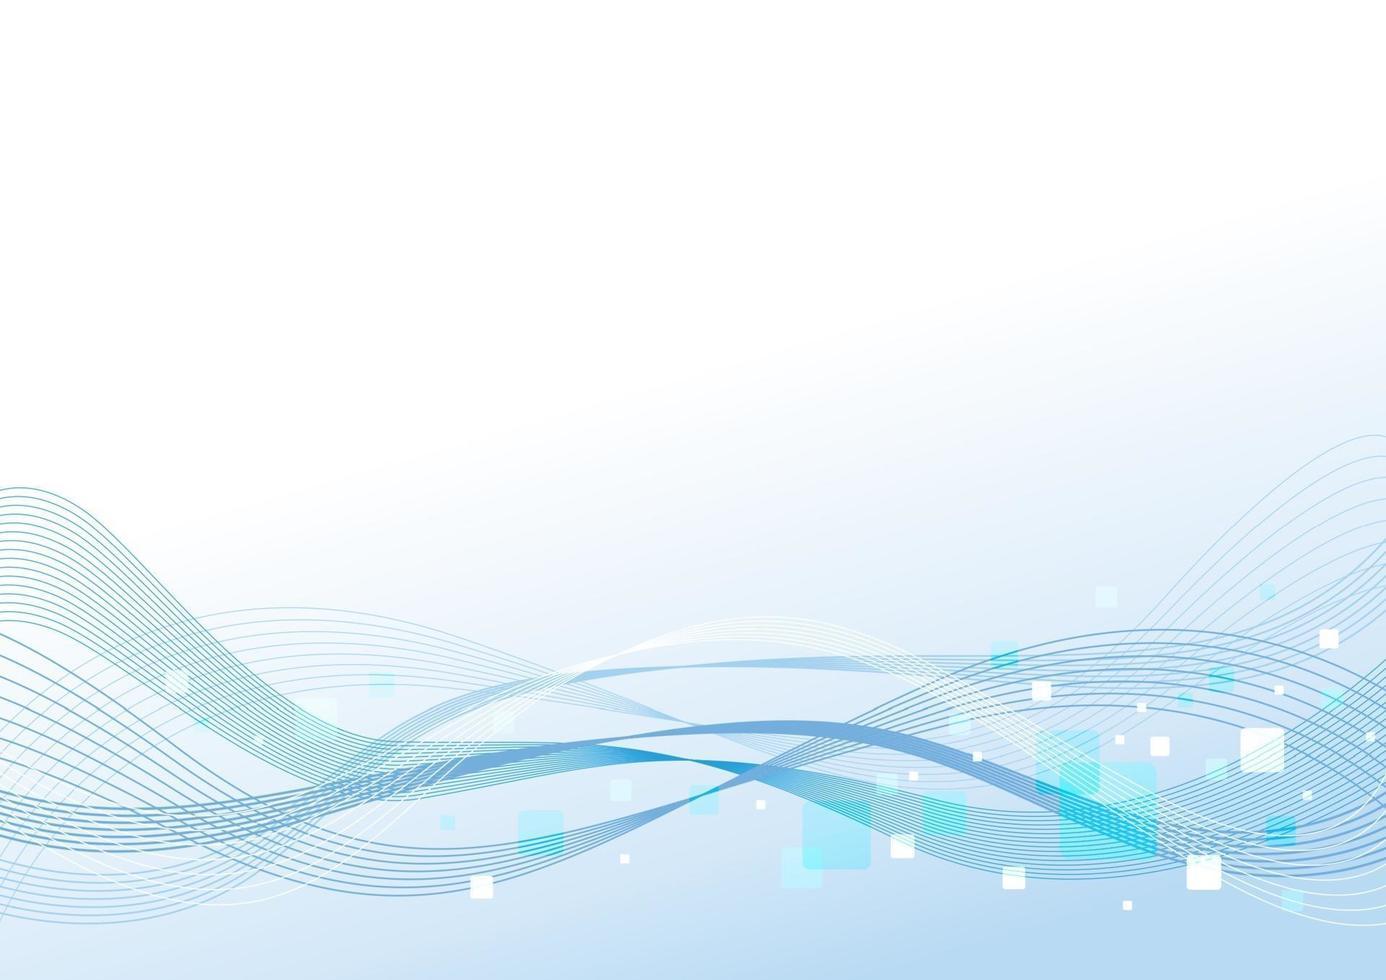 abstrakt bakgrundsdesign av linje våg vektorillustration vektor